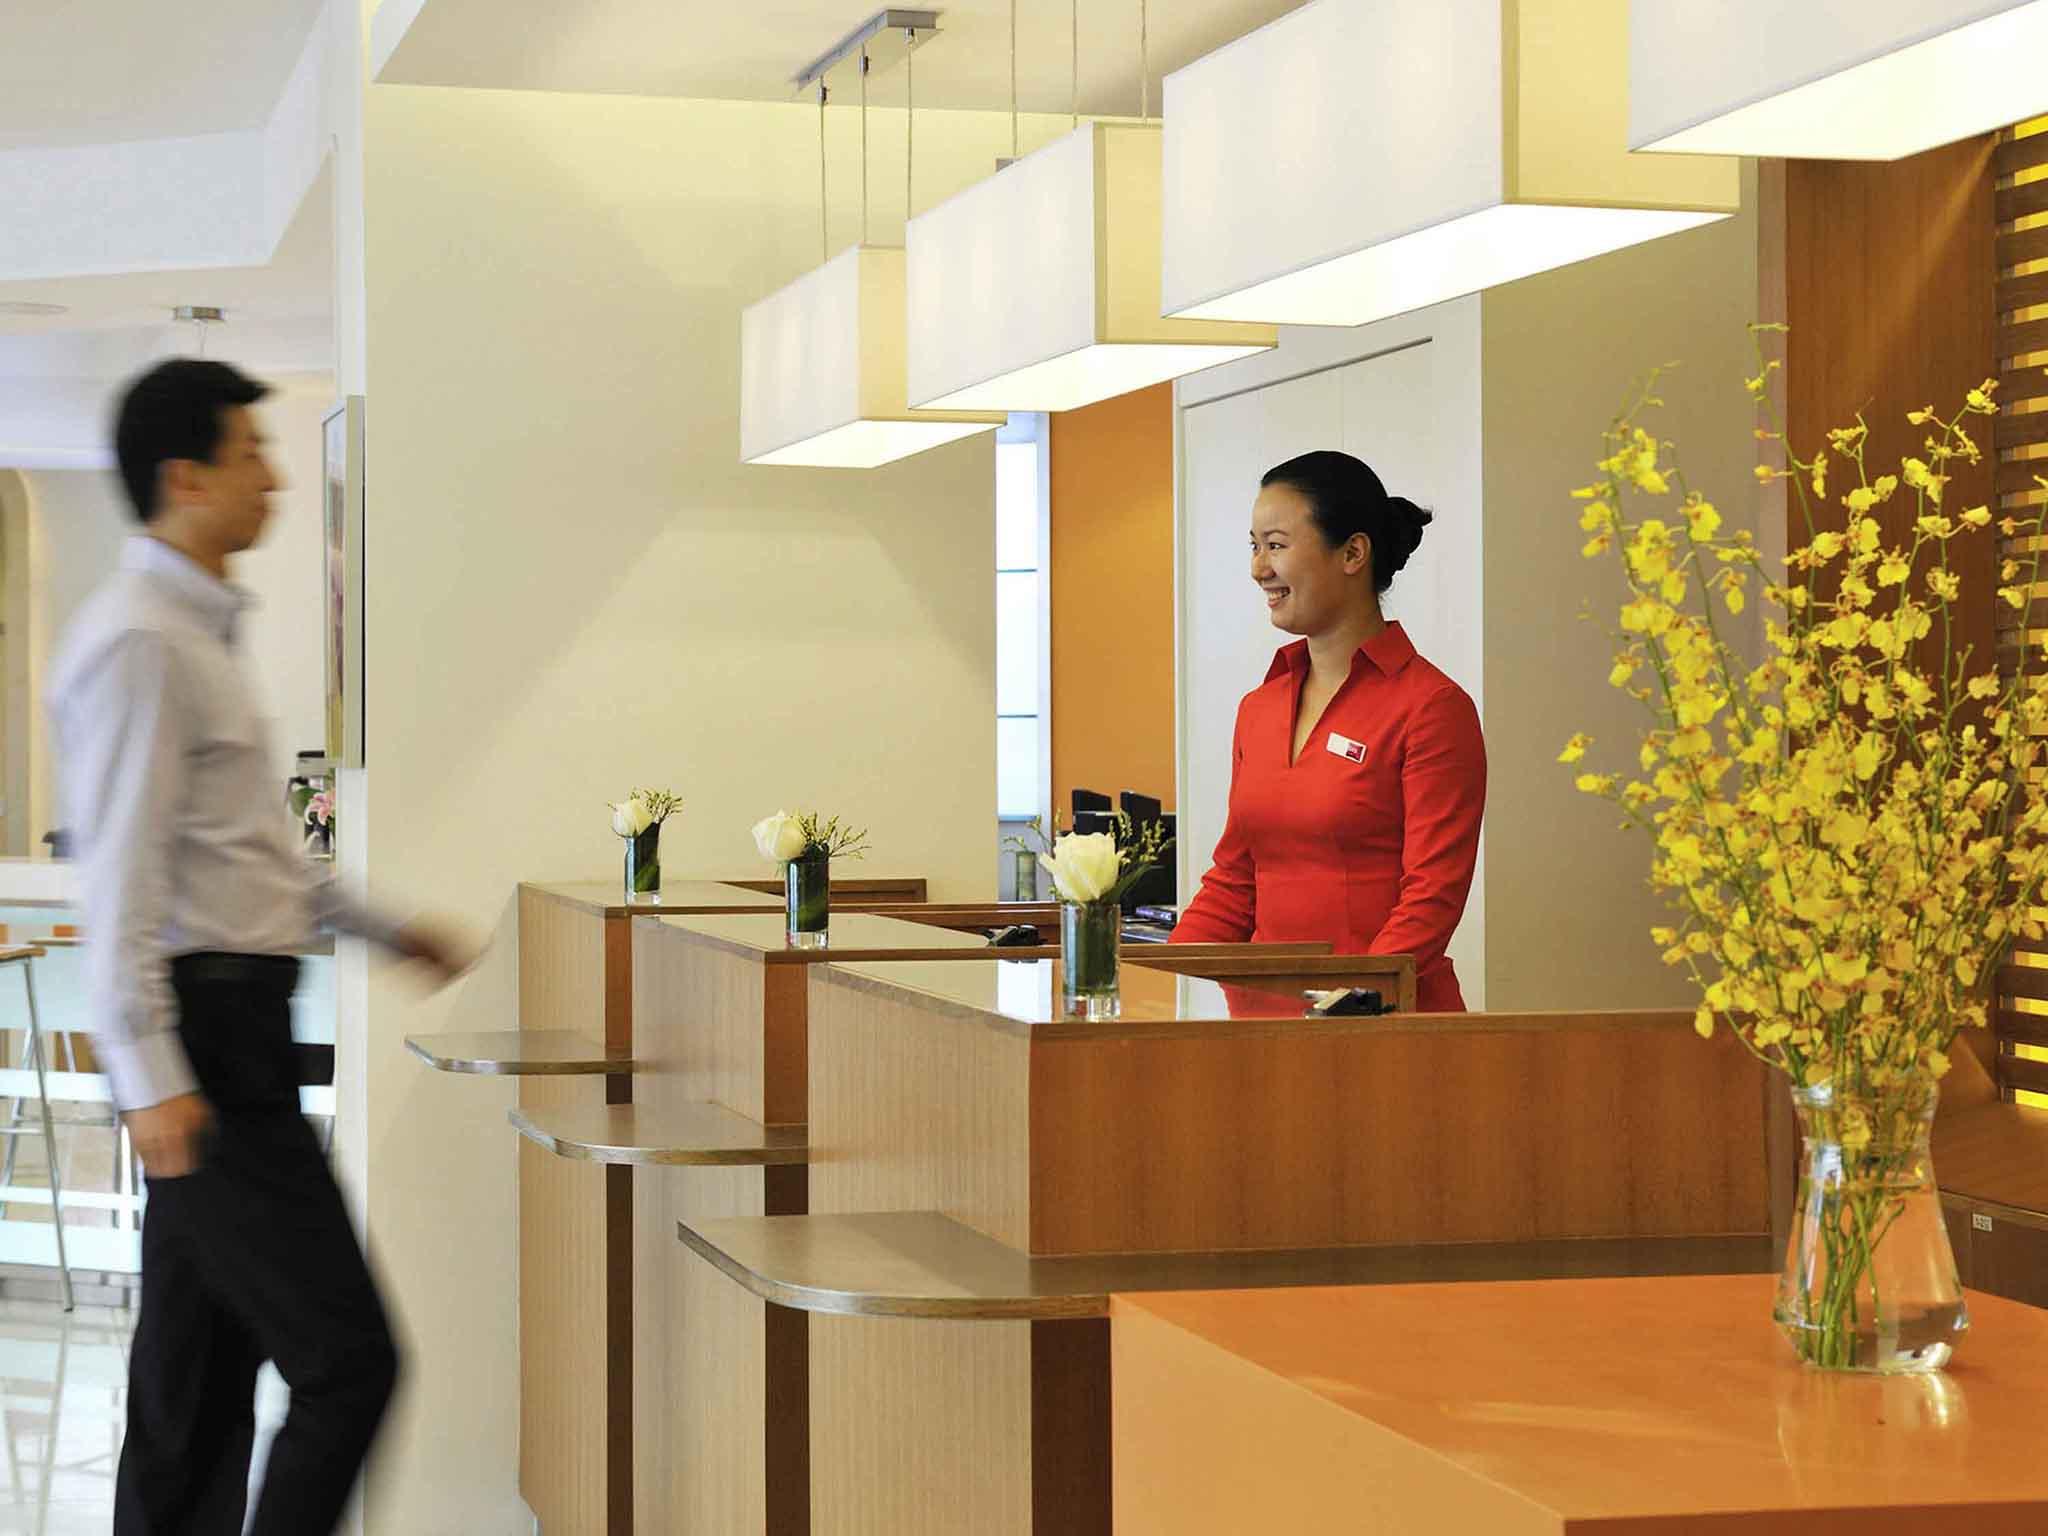 ホテル – イビス 蘇州 アミューズメント シュイグァン